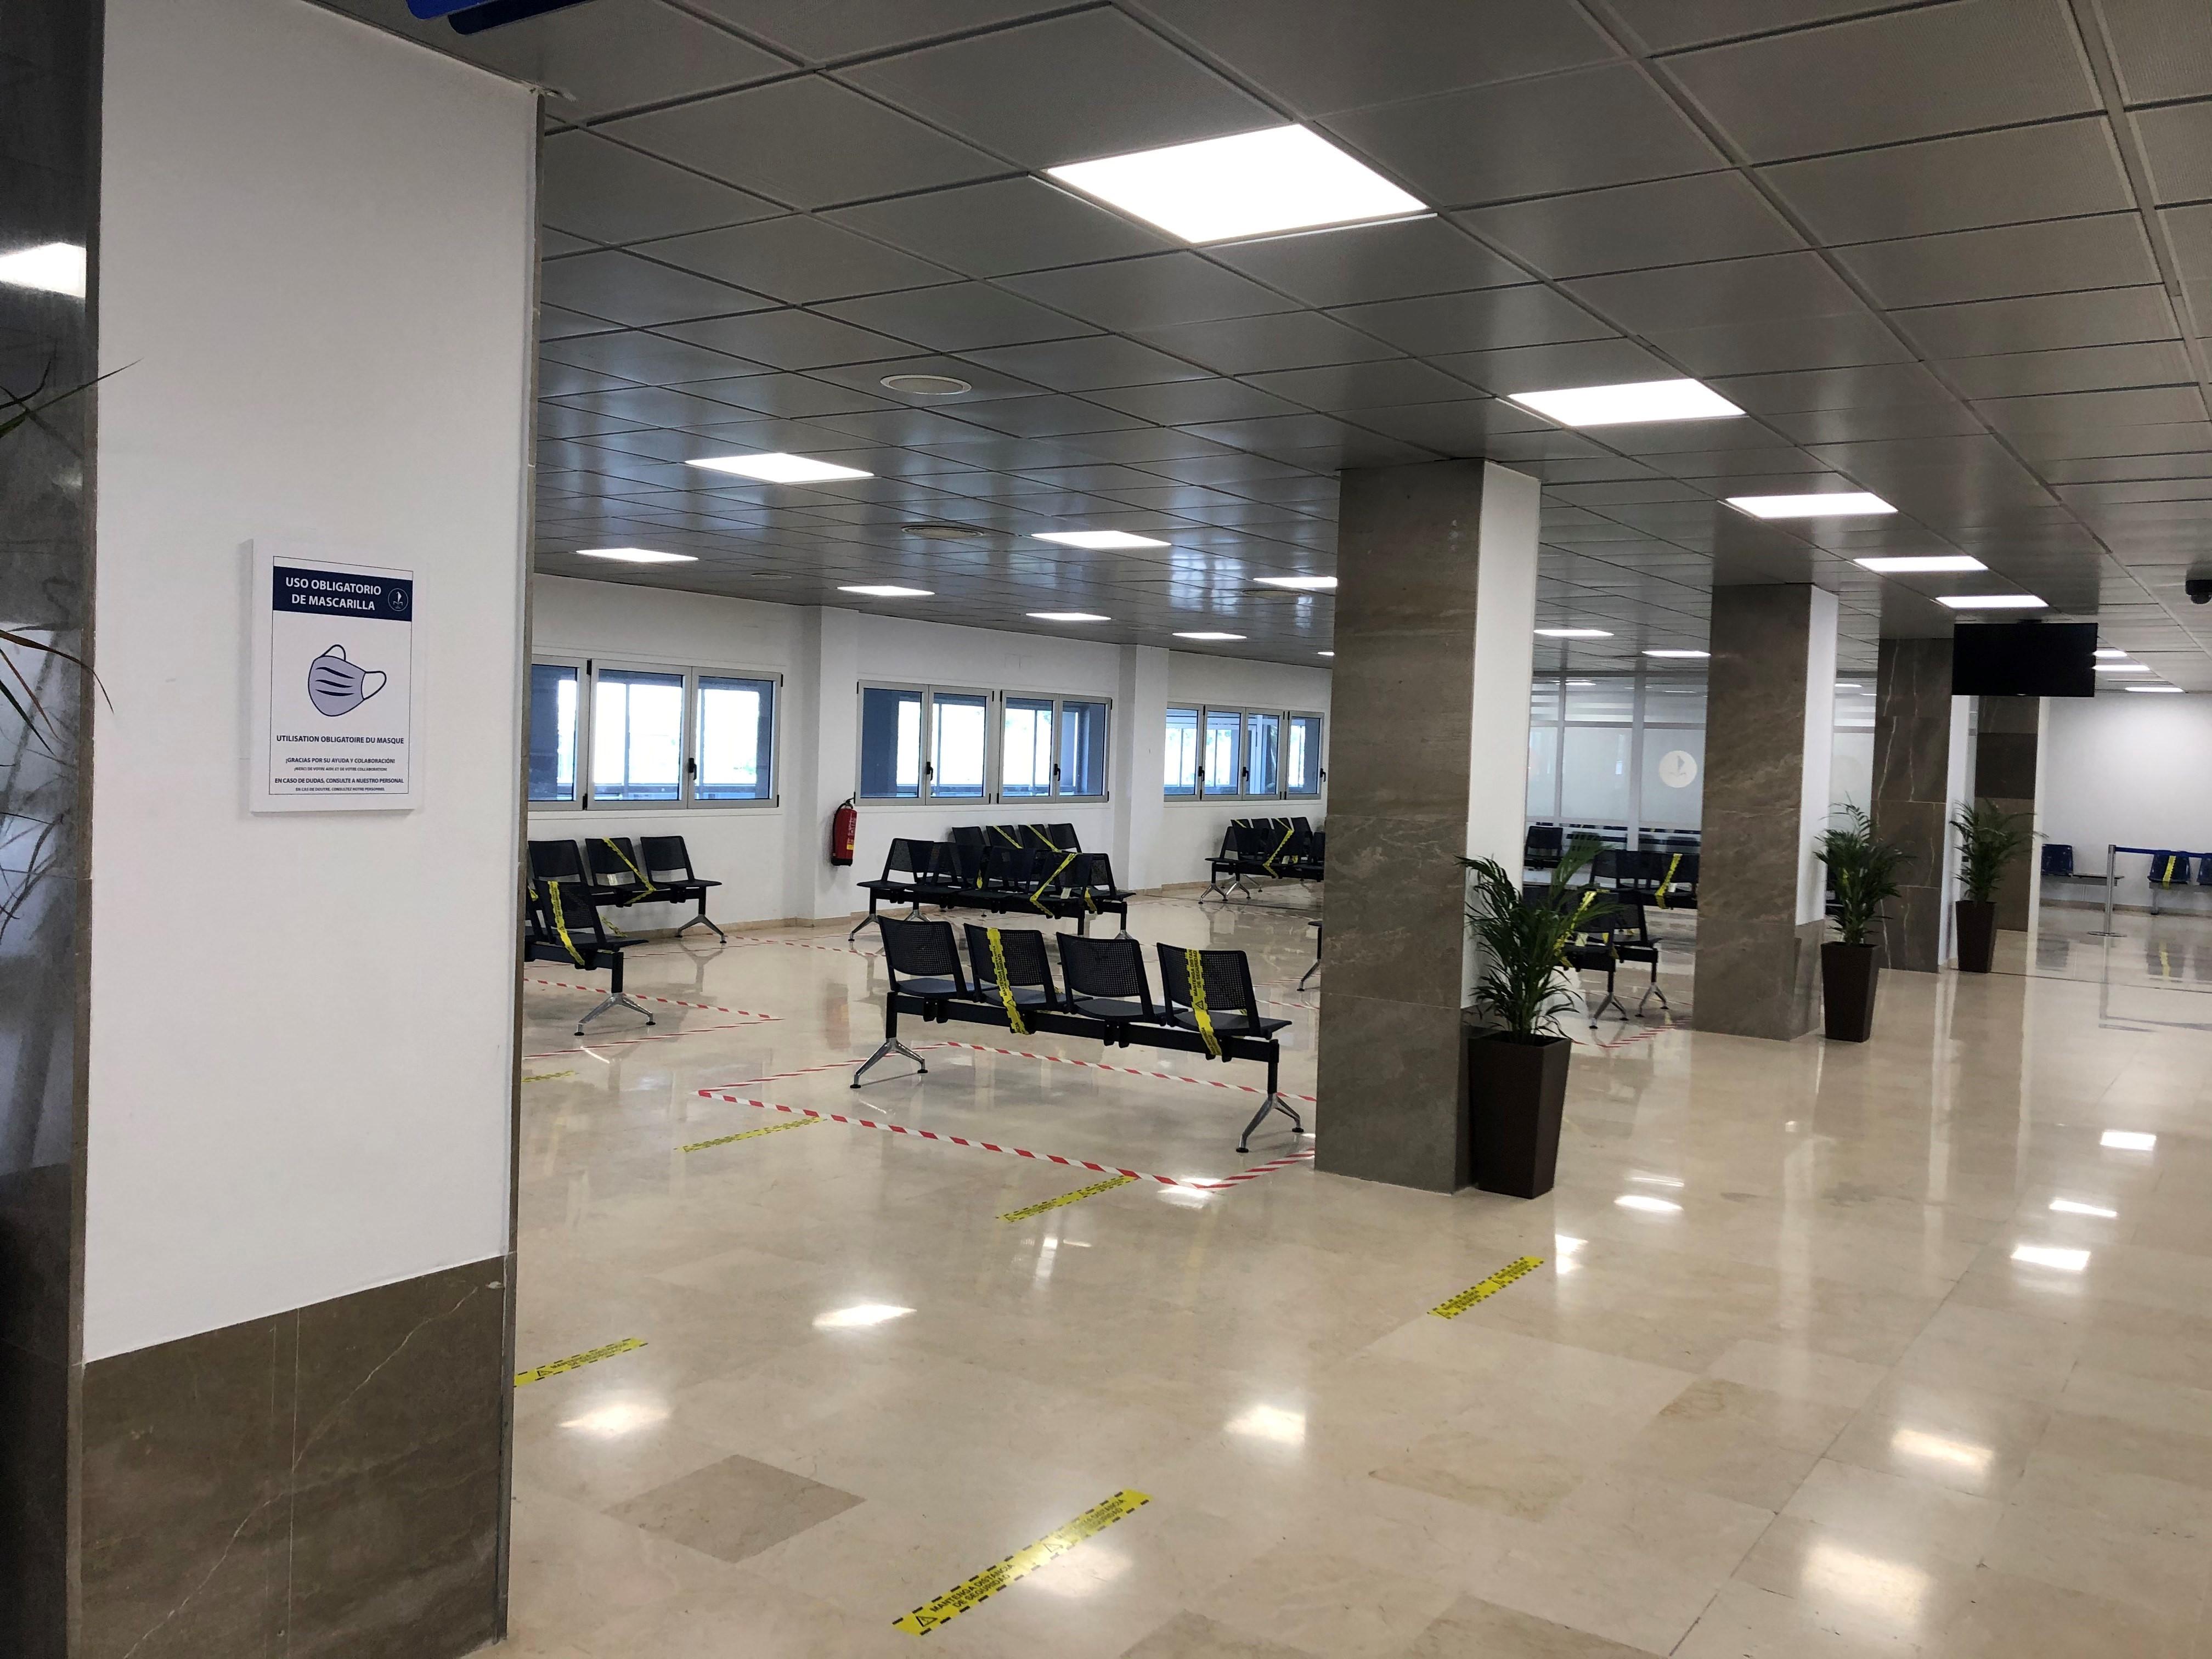 La estación marítima de Málaga obtiene un certificado internacional de seguridad en medidas anti COVID